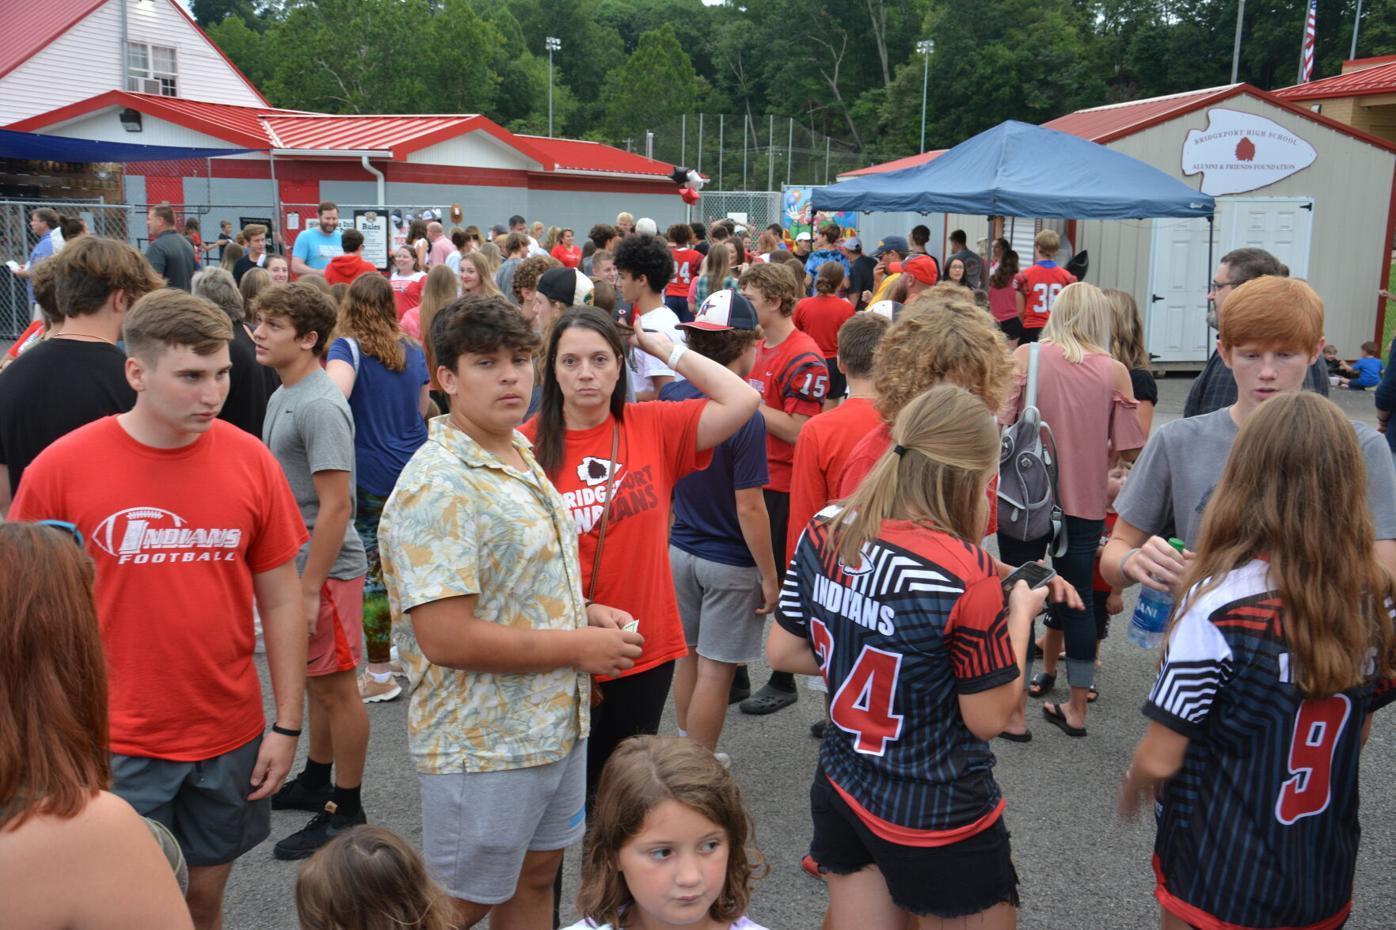 Lots of fans